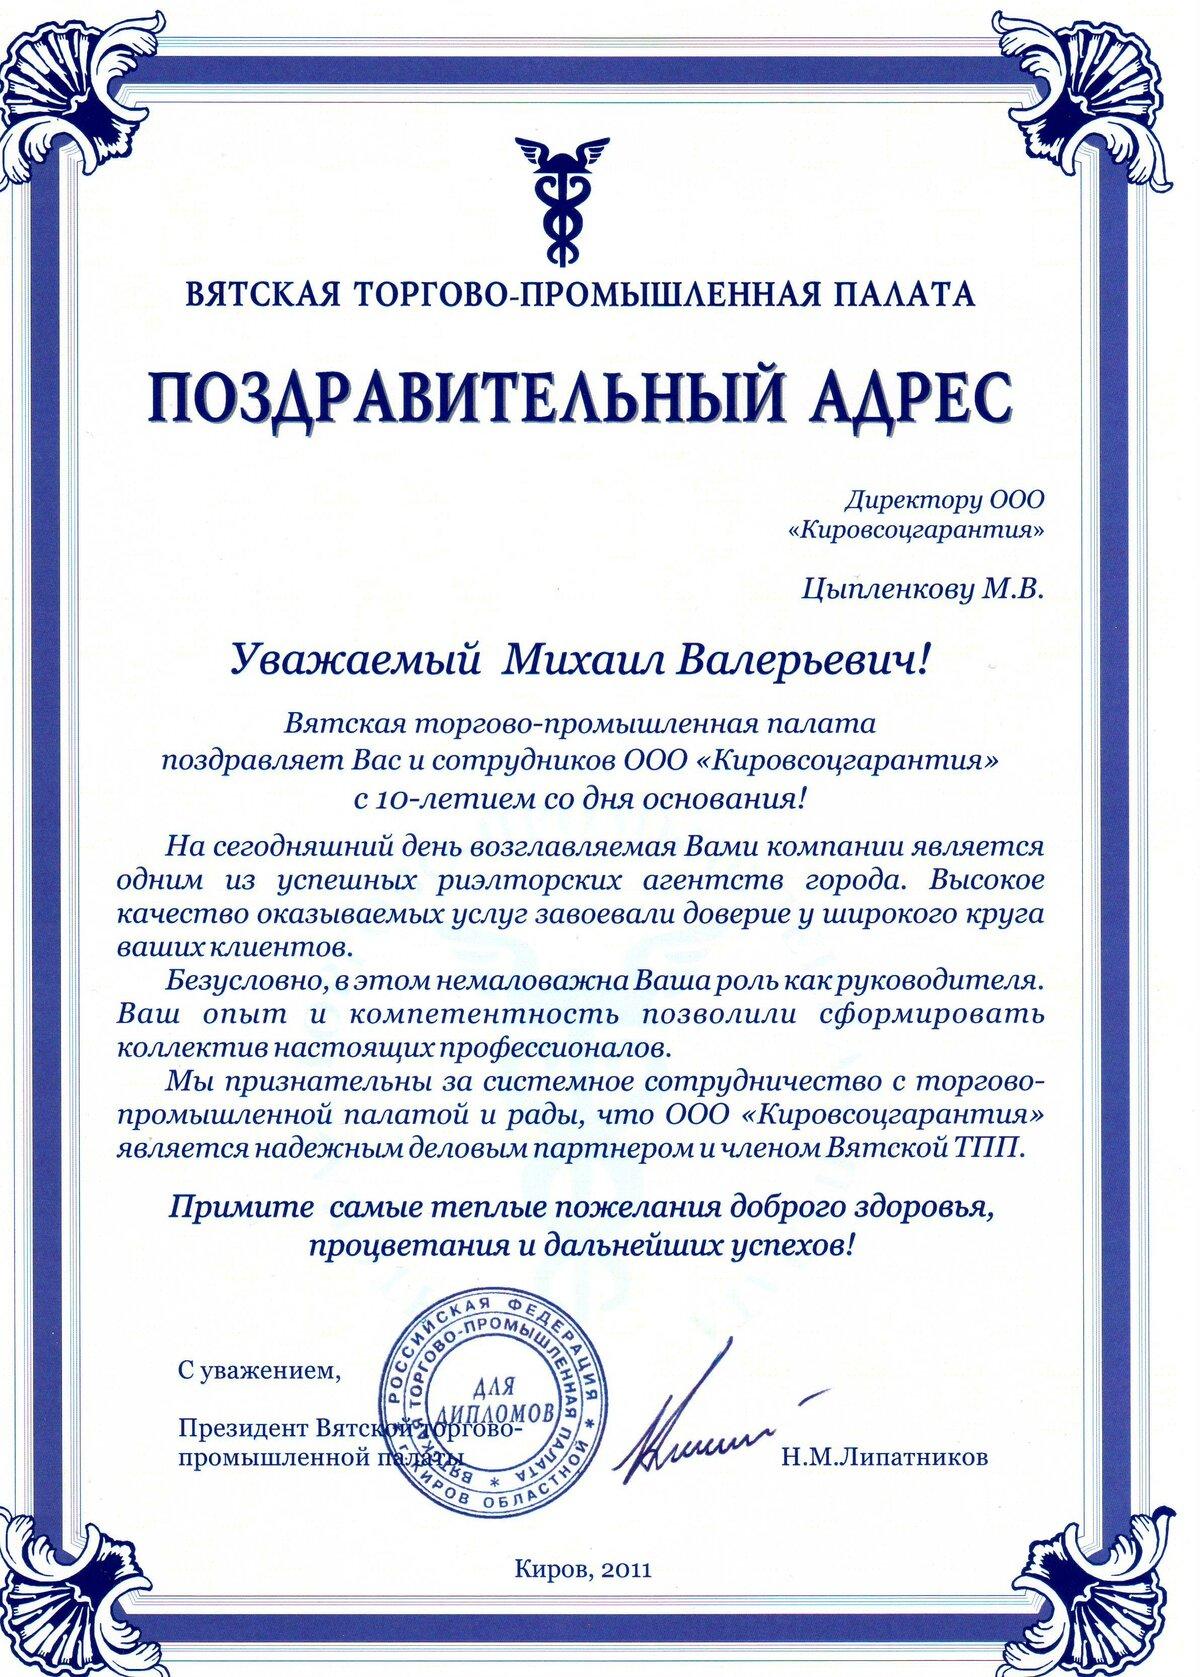 Официальное поздравление с юбилеем компании партнера